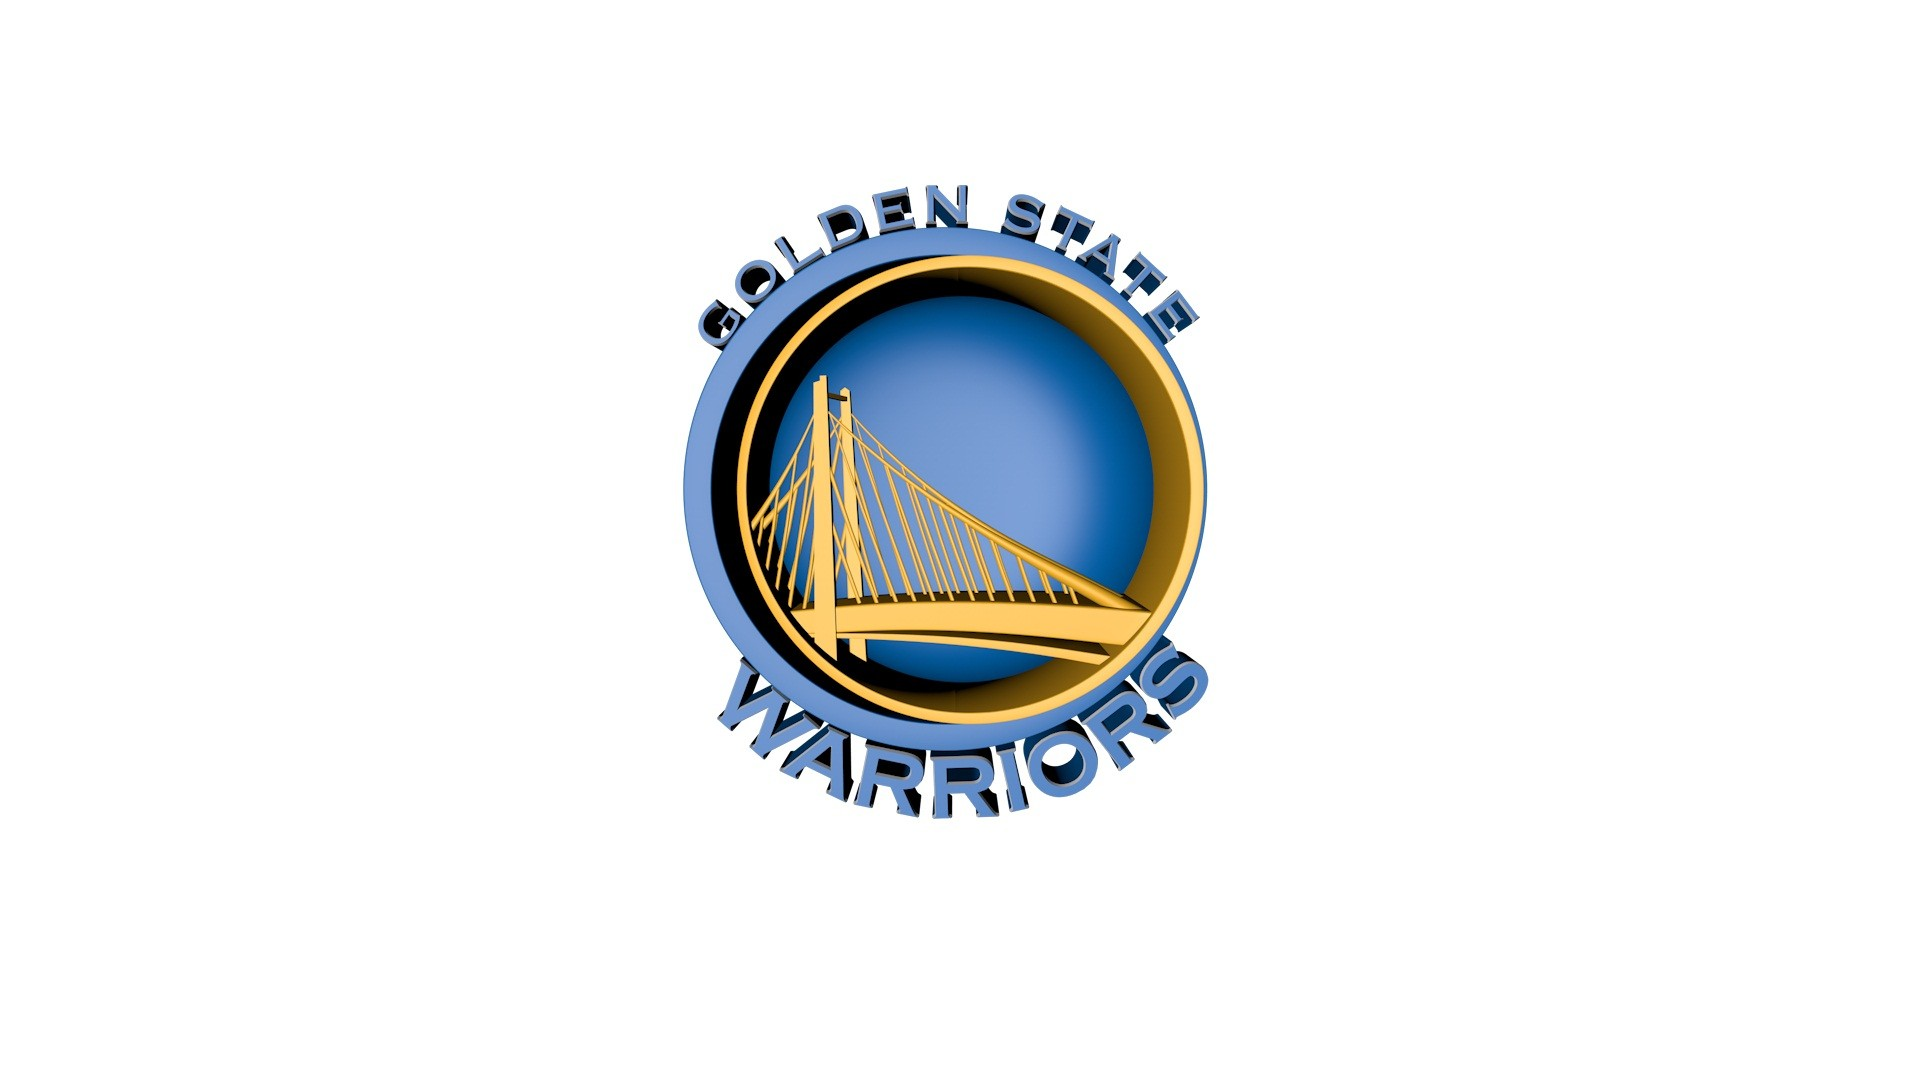 Golden State Warriors Wallpaper Hd Wallpaper Desktop Golden State Warriors Logo Hd 2019